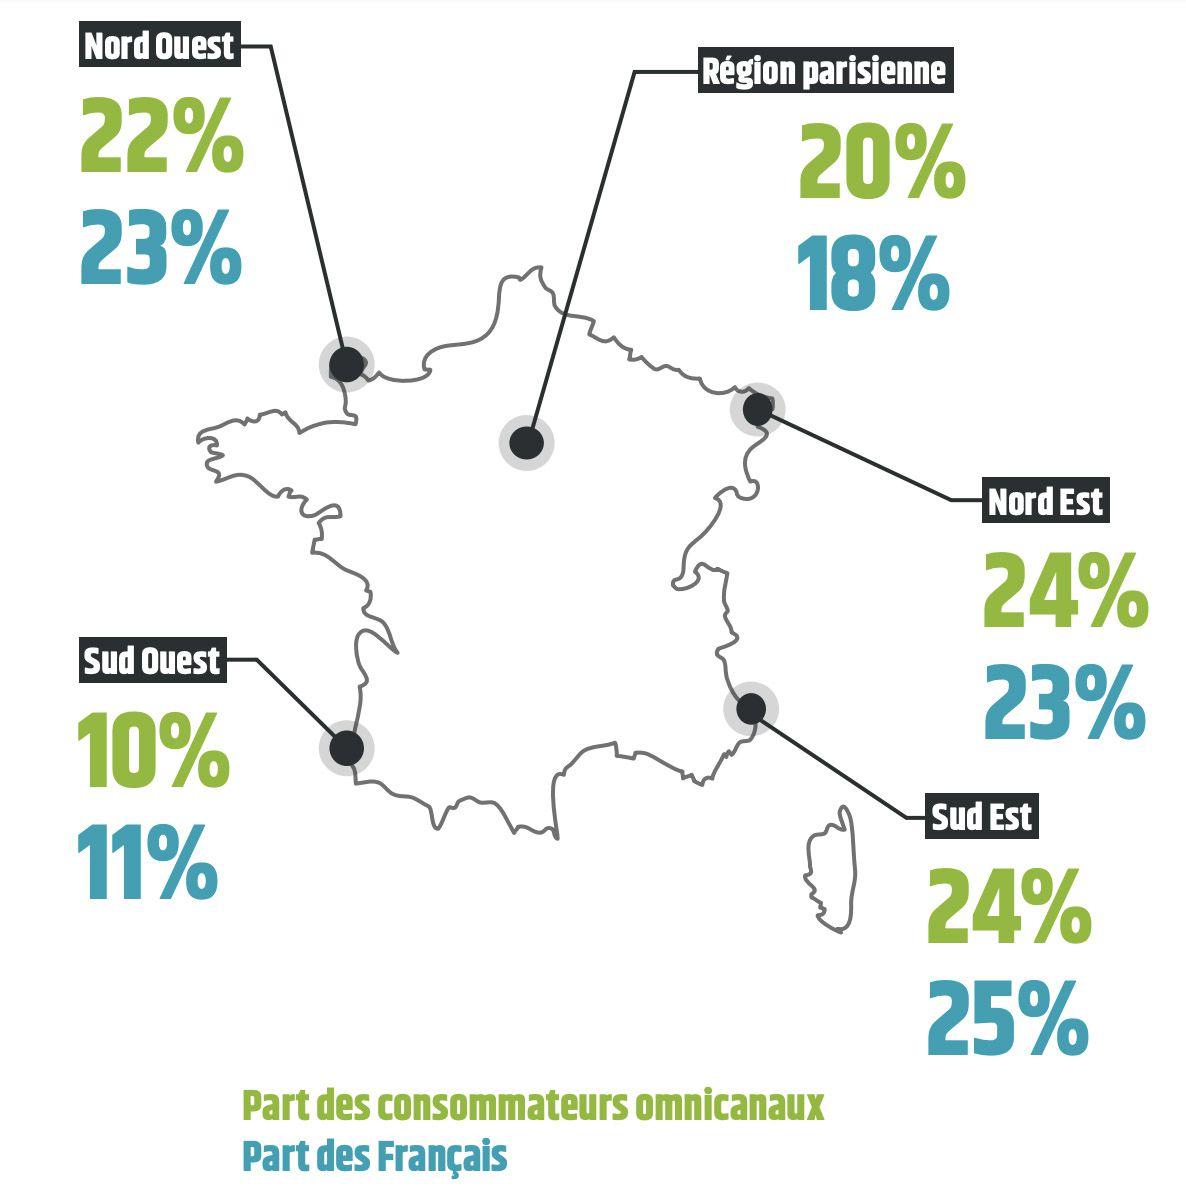 La répartition des consommateurs omnicanaux par région en France.